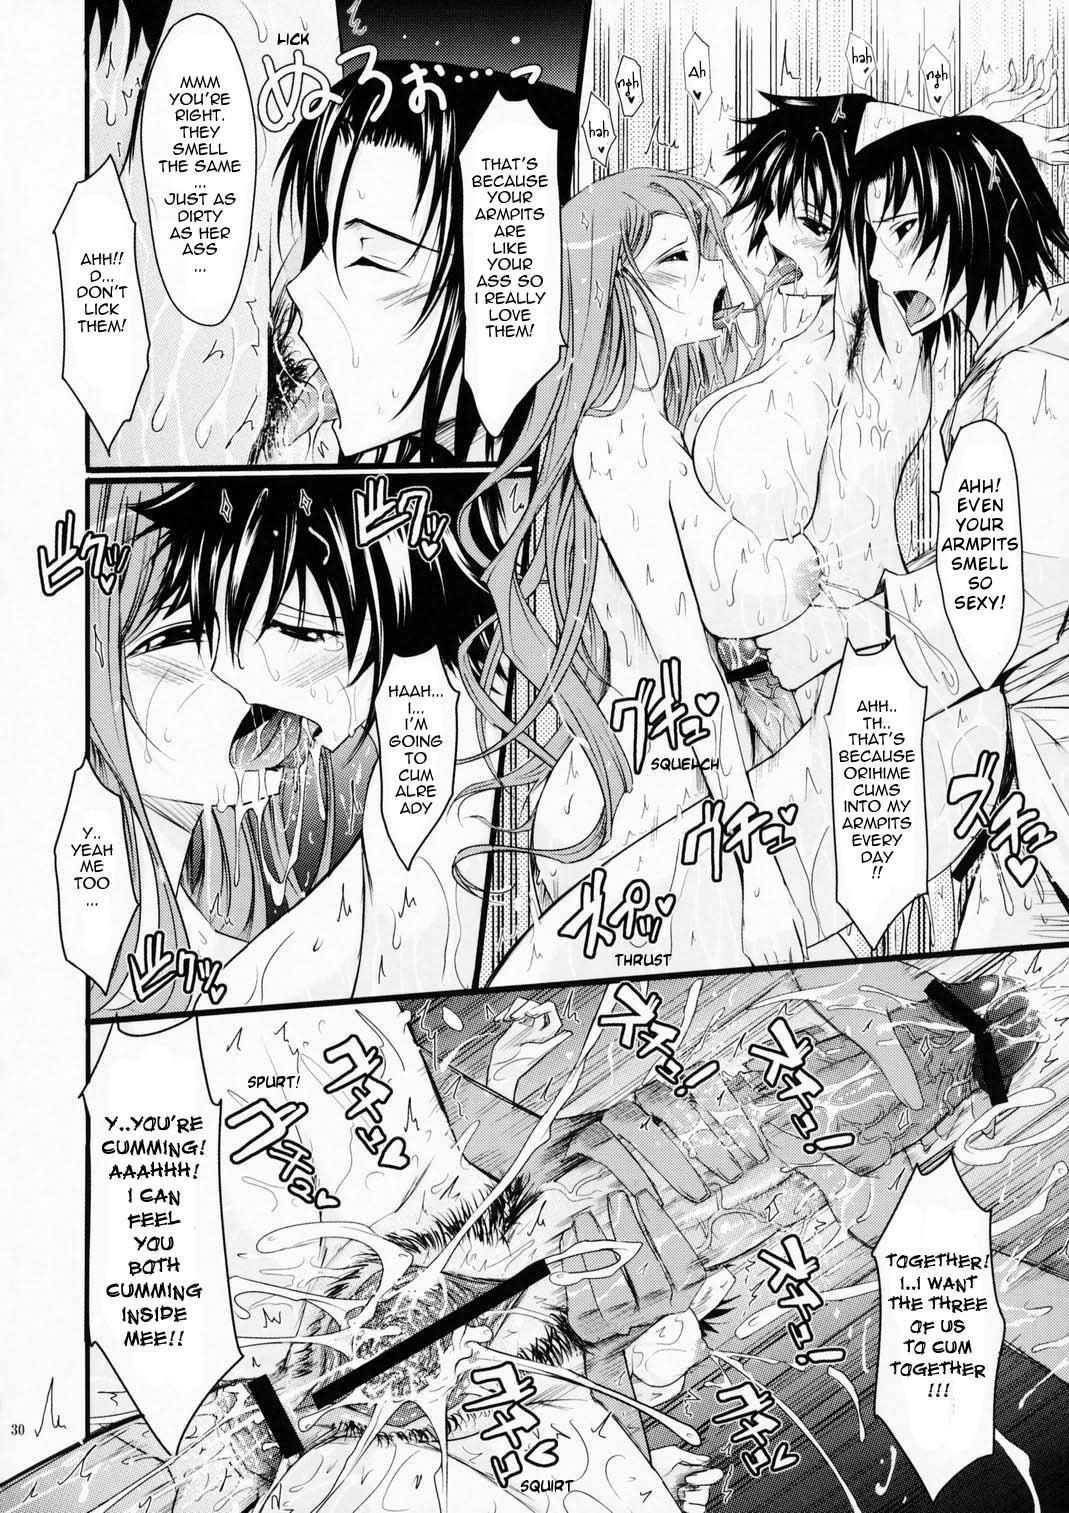 (C75) [Garyuh Chitai (TANA)] Aki-Akane -Sequel 1- (Bleach) [English] 28